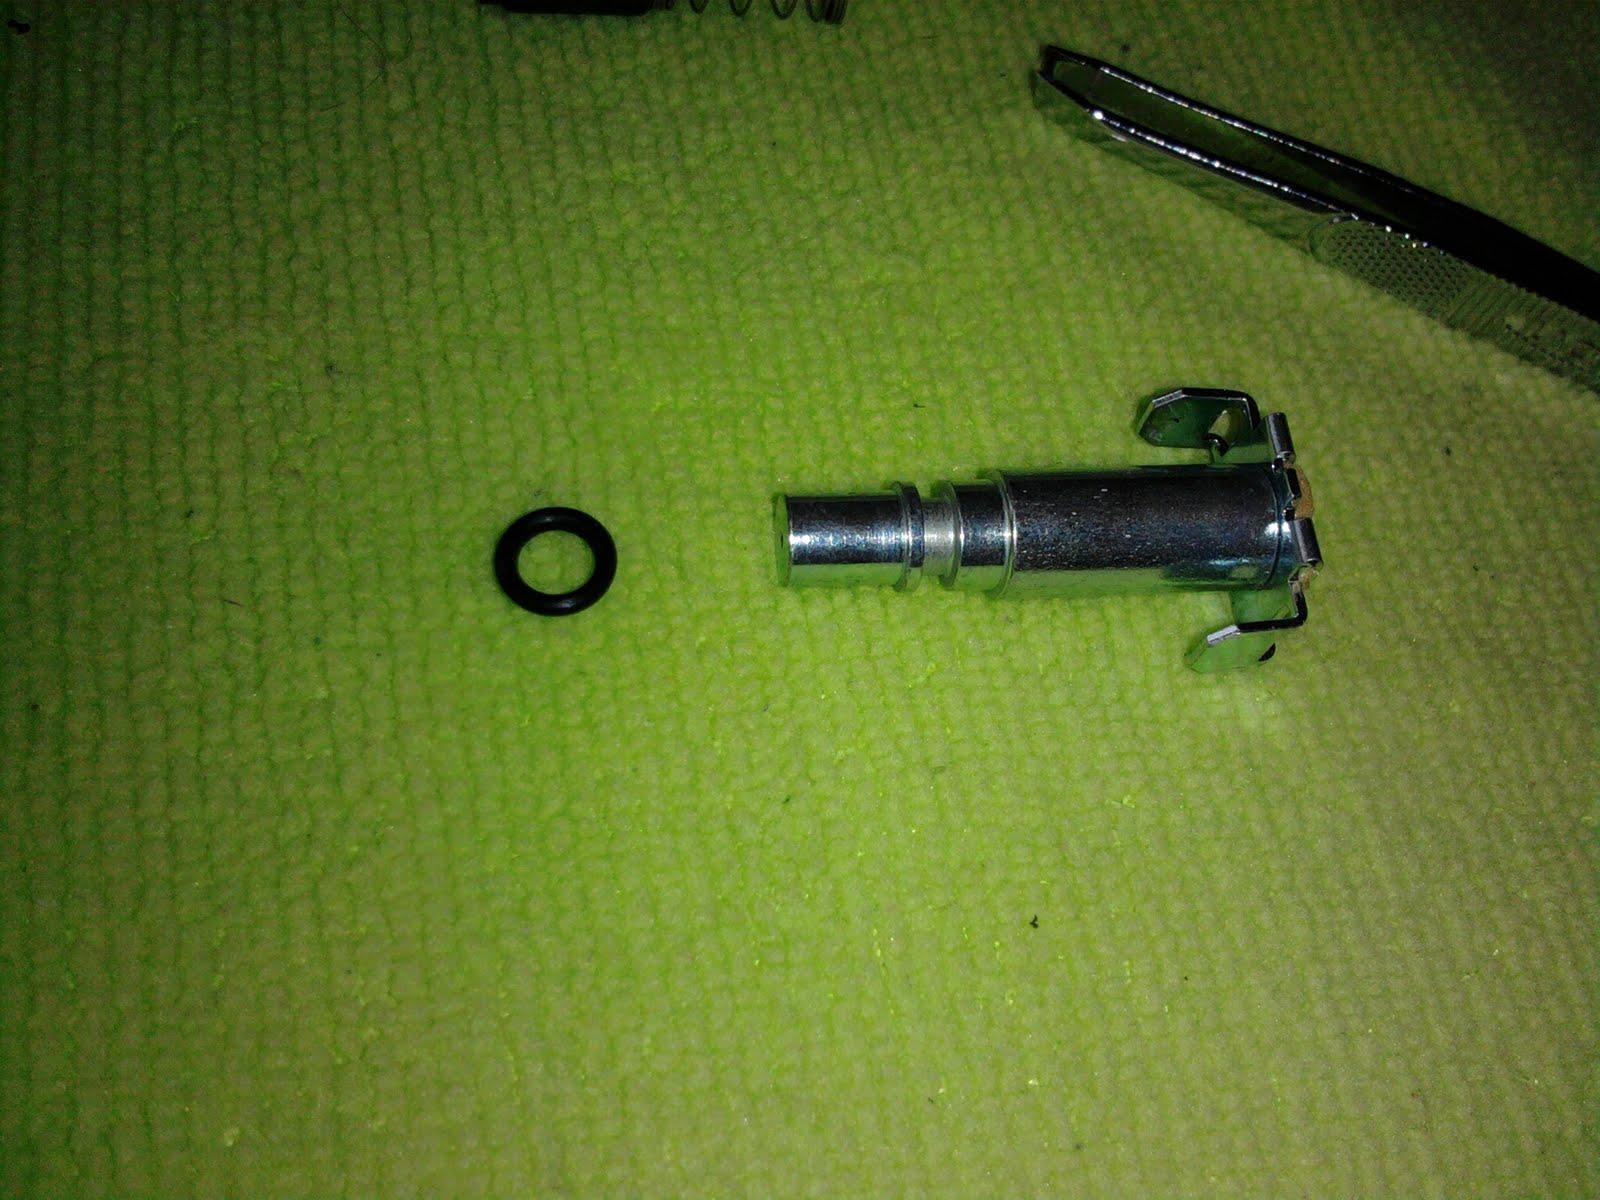 Ford Crown Victoria Eatc Repair